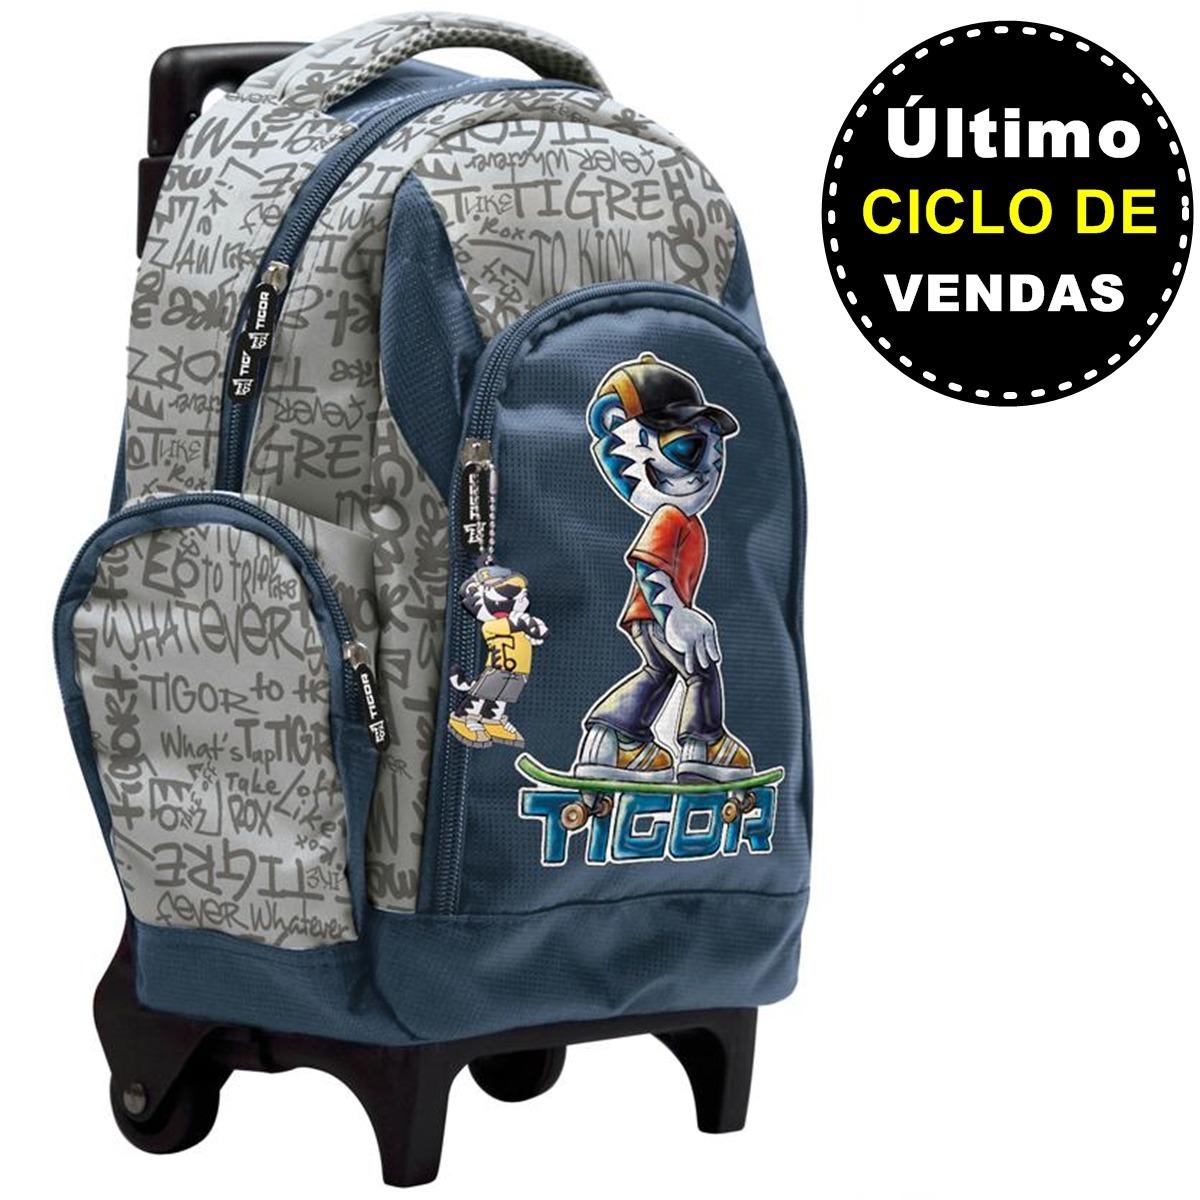 9a19fabe92 Mochilinha Infantil Pequena C  Rodinhas Tigor T. Tigre